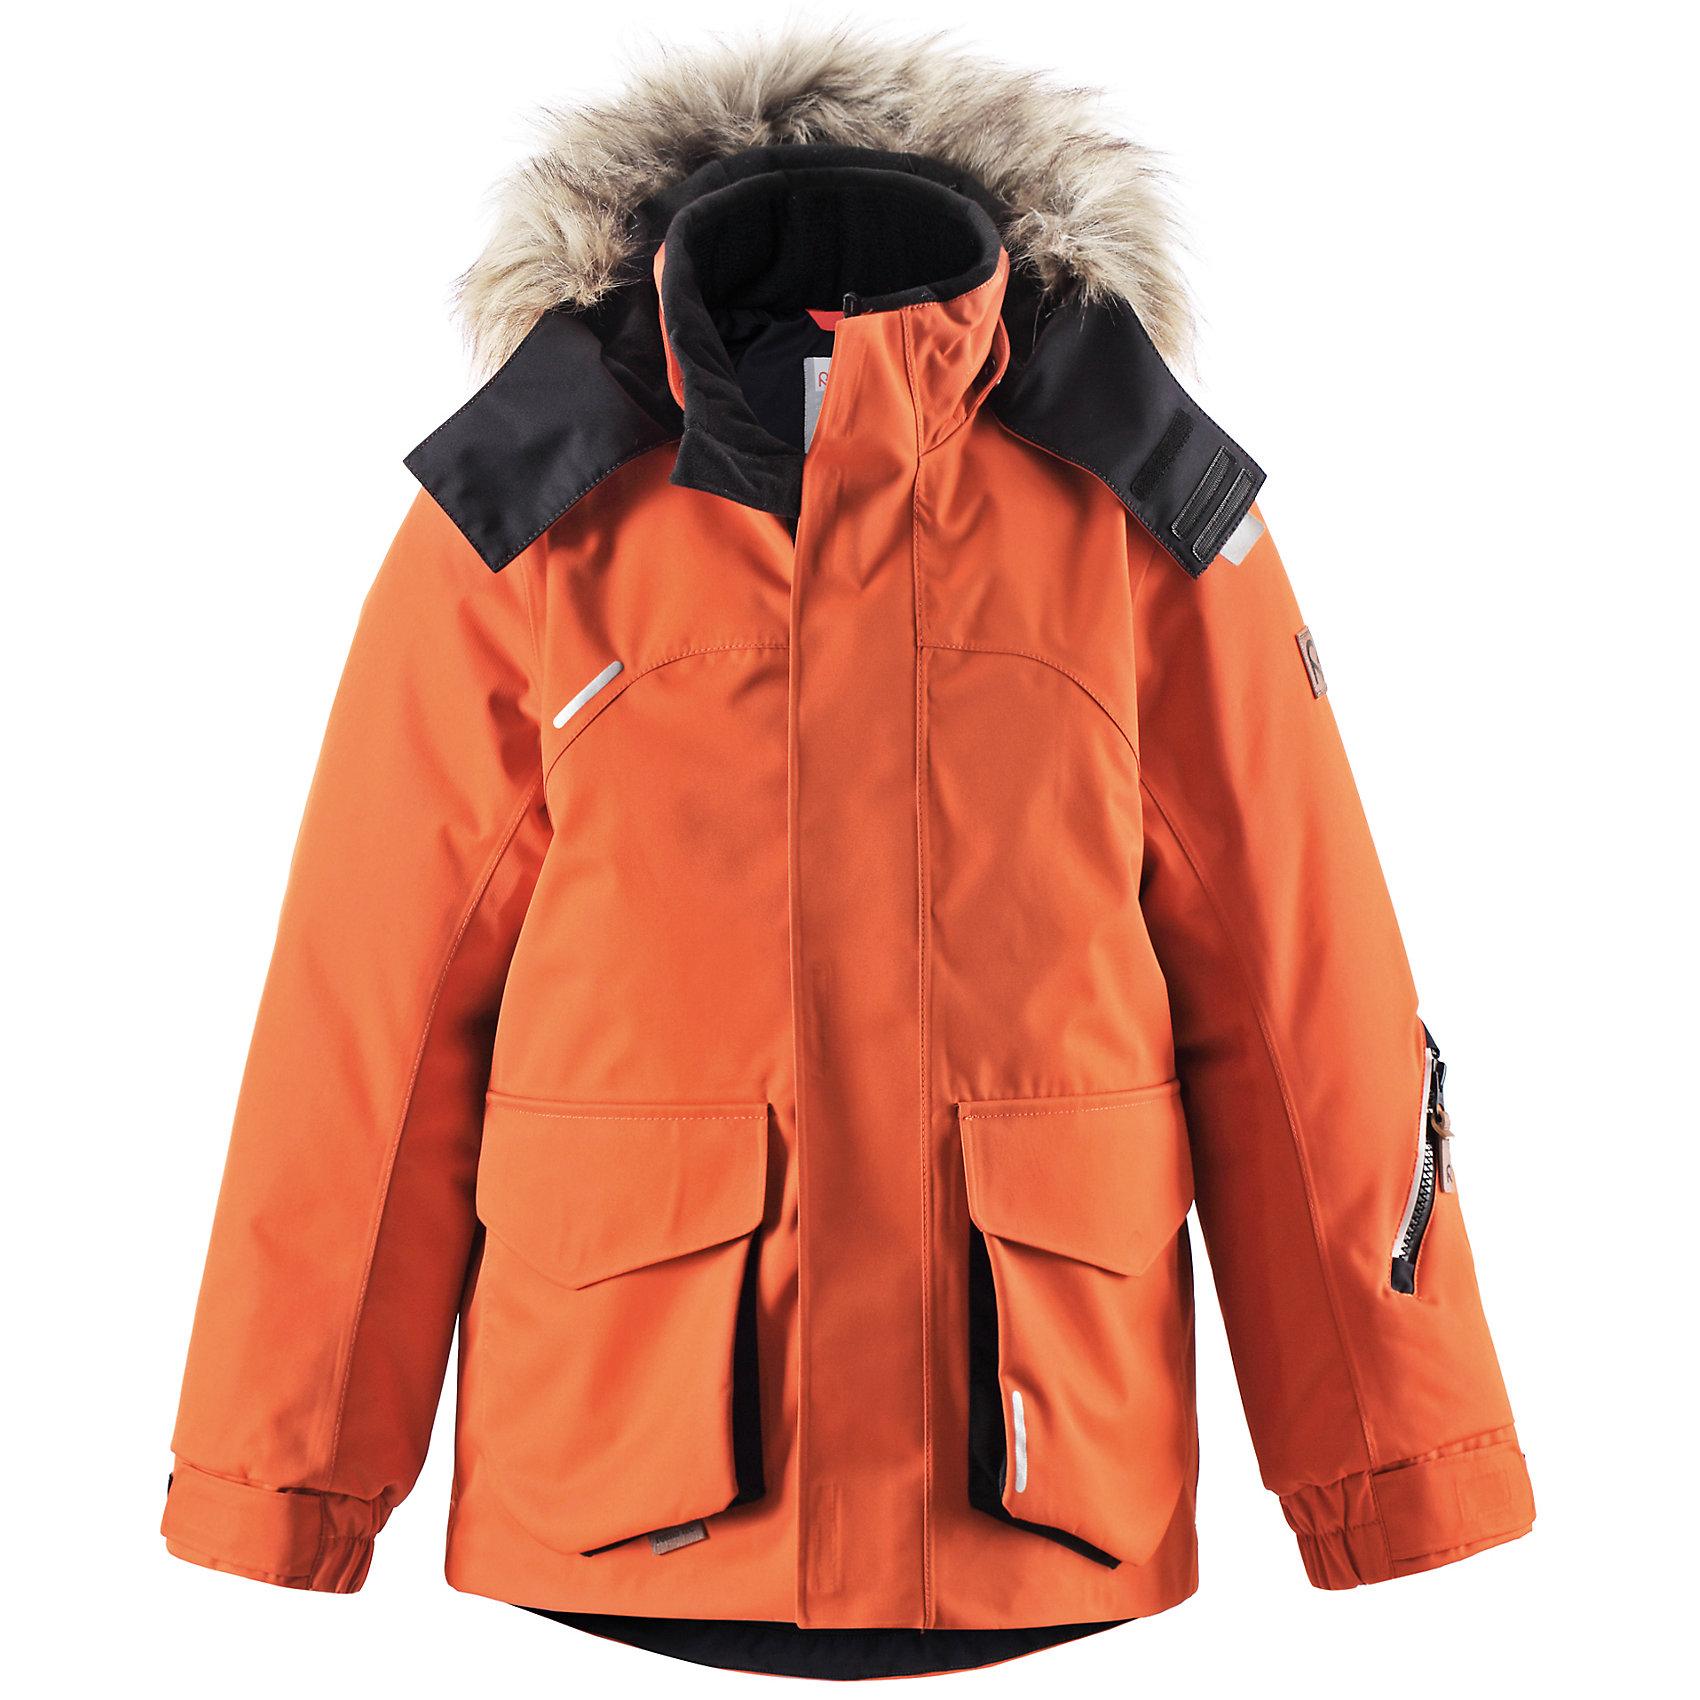 Куртка Reimatec ReimaКуртка Reimatec от финской марки Reima.<br>*Водонепроницаемая зимняя куртка для подростков, модель для мальчиков<br>*Основной материал - bluesign®<br>*Все швы проклеены, водонепроницаемы<br>*Безопасный съёмный регулируемый капюшон, украшенный отстёгивающимся искусственным мехом<br>*Два боковых кармана с клапанами<br>*Регулируемый подол<br><br>Состав:<br>100% ПА, ПУ-покрытие<br><br>Ширина мм: 356<br>Глубина мм: 10<br>Высота мм: 245<br>Вес г: 519<br>Цвет: оранжевый<br>Возраст от месяцев: 36<br>Возраст до месяцев: 48<br>Пол: Унисекс<br>Возраст: Детский<br>Размер: 104,116,164,110,122<br>SKU: 4632033